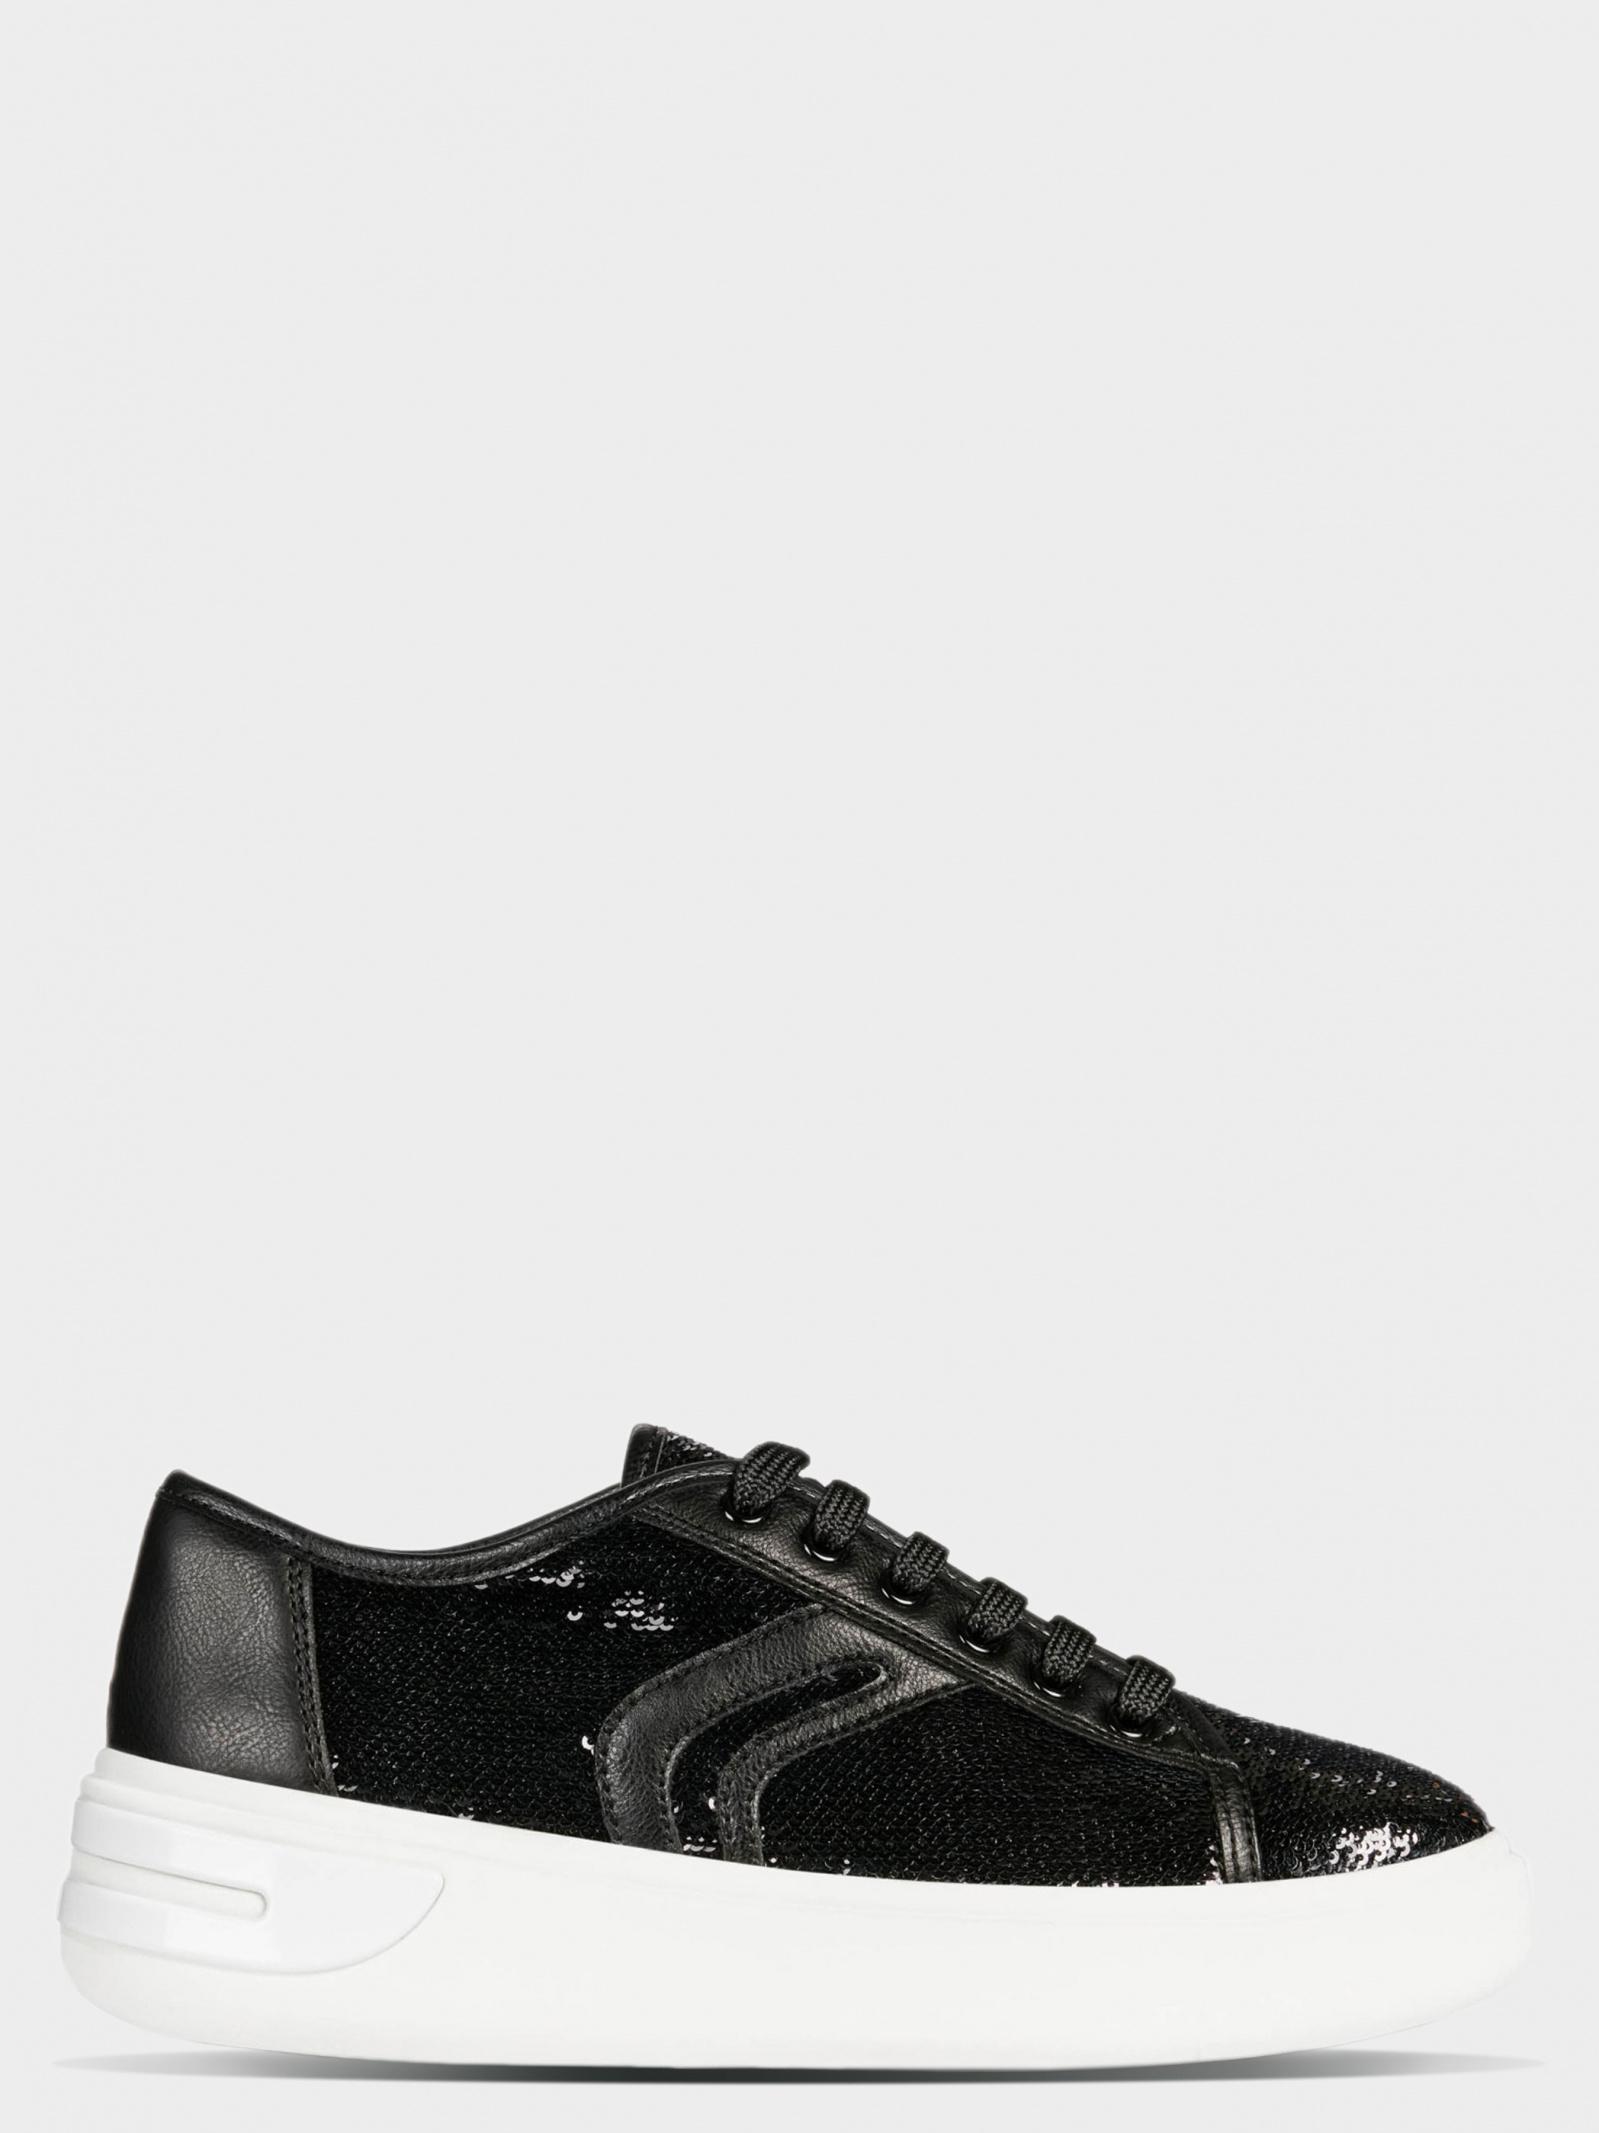 Полуботинки женские Geox D OTTAYA XW3557 купить обувь, 2017